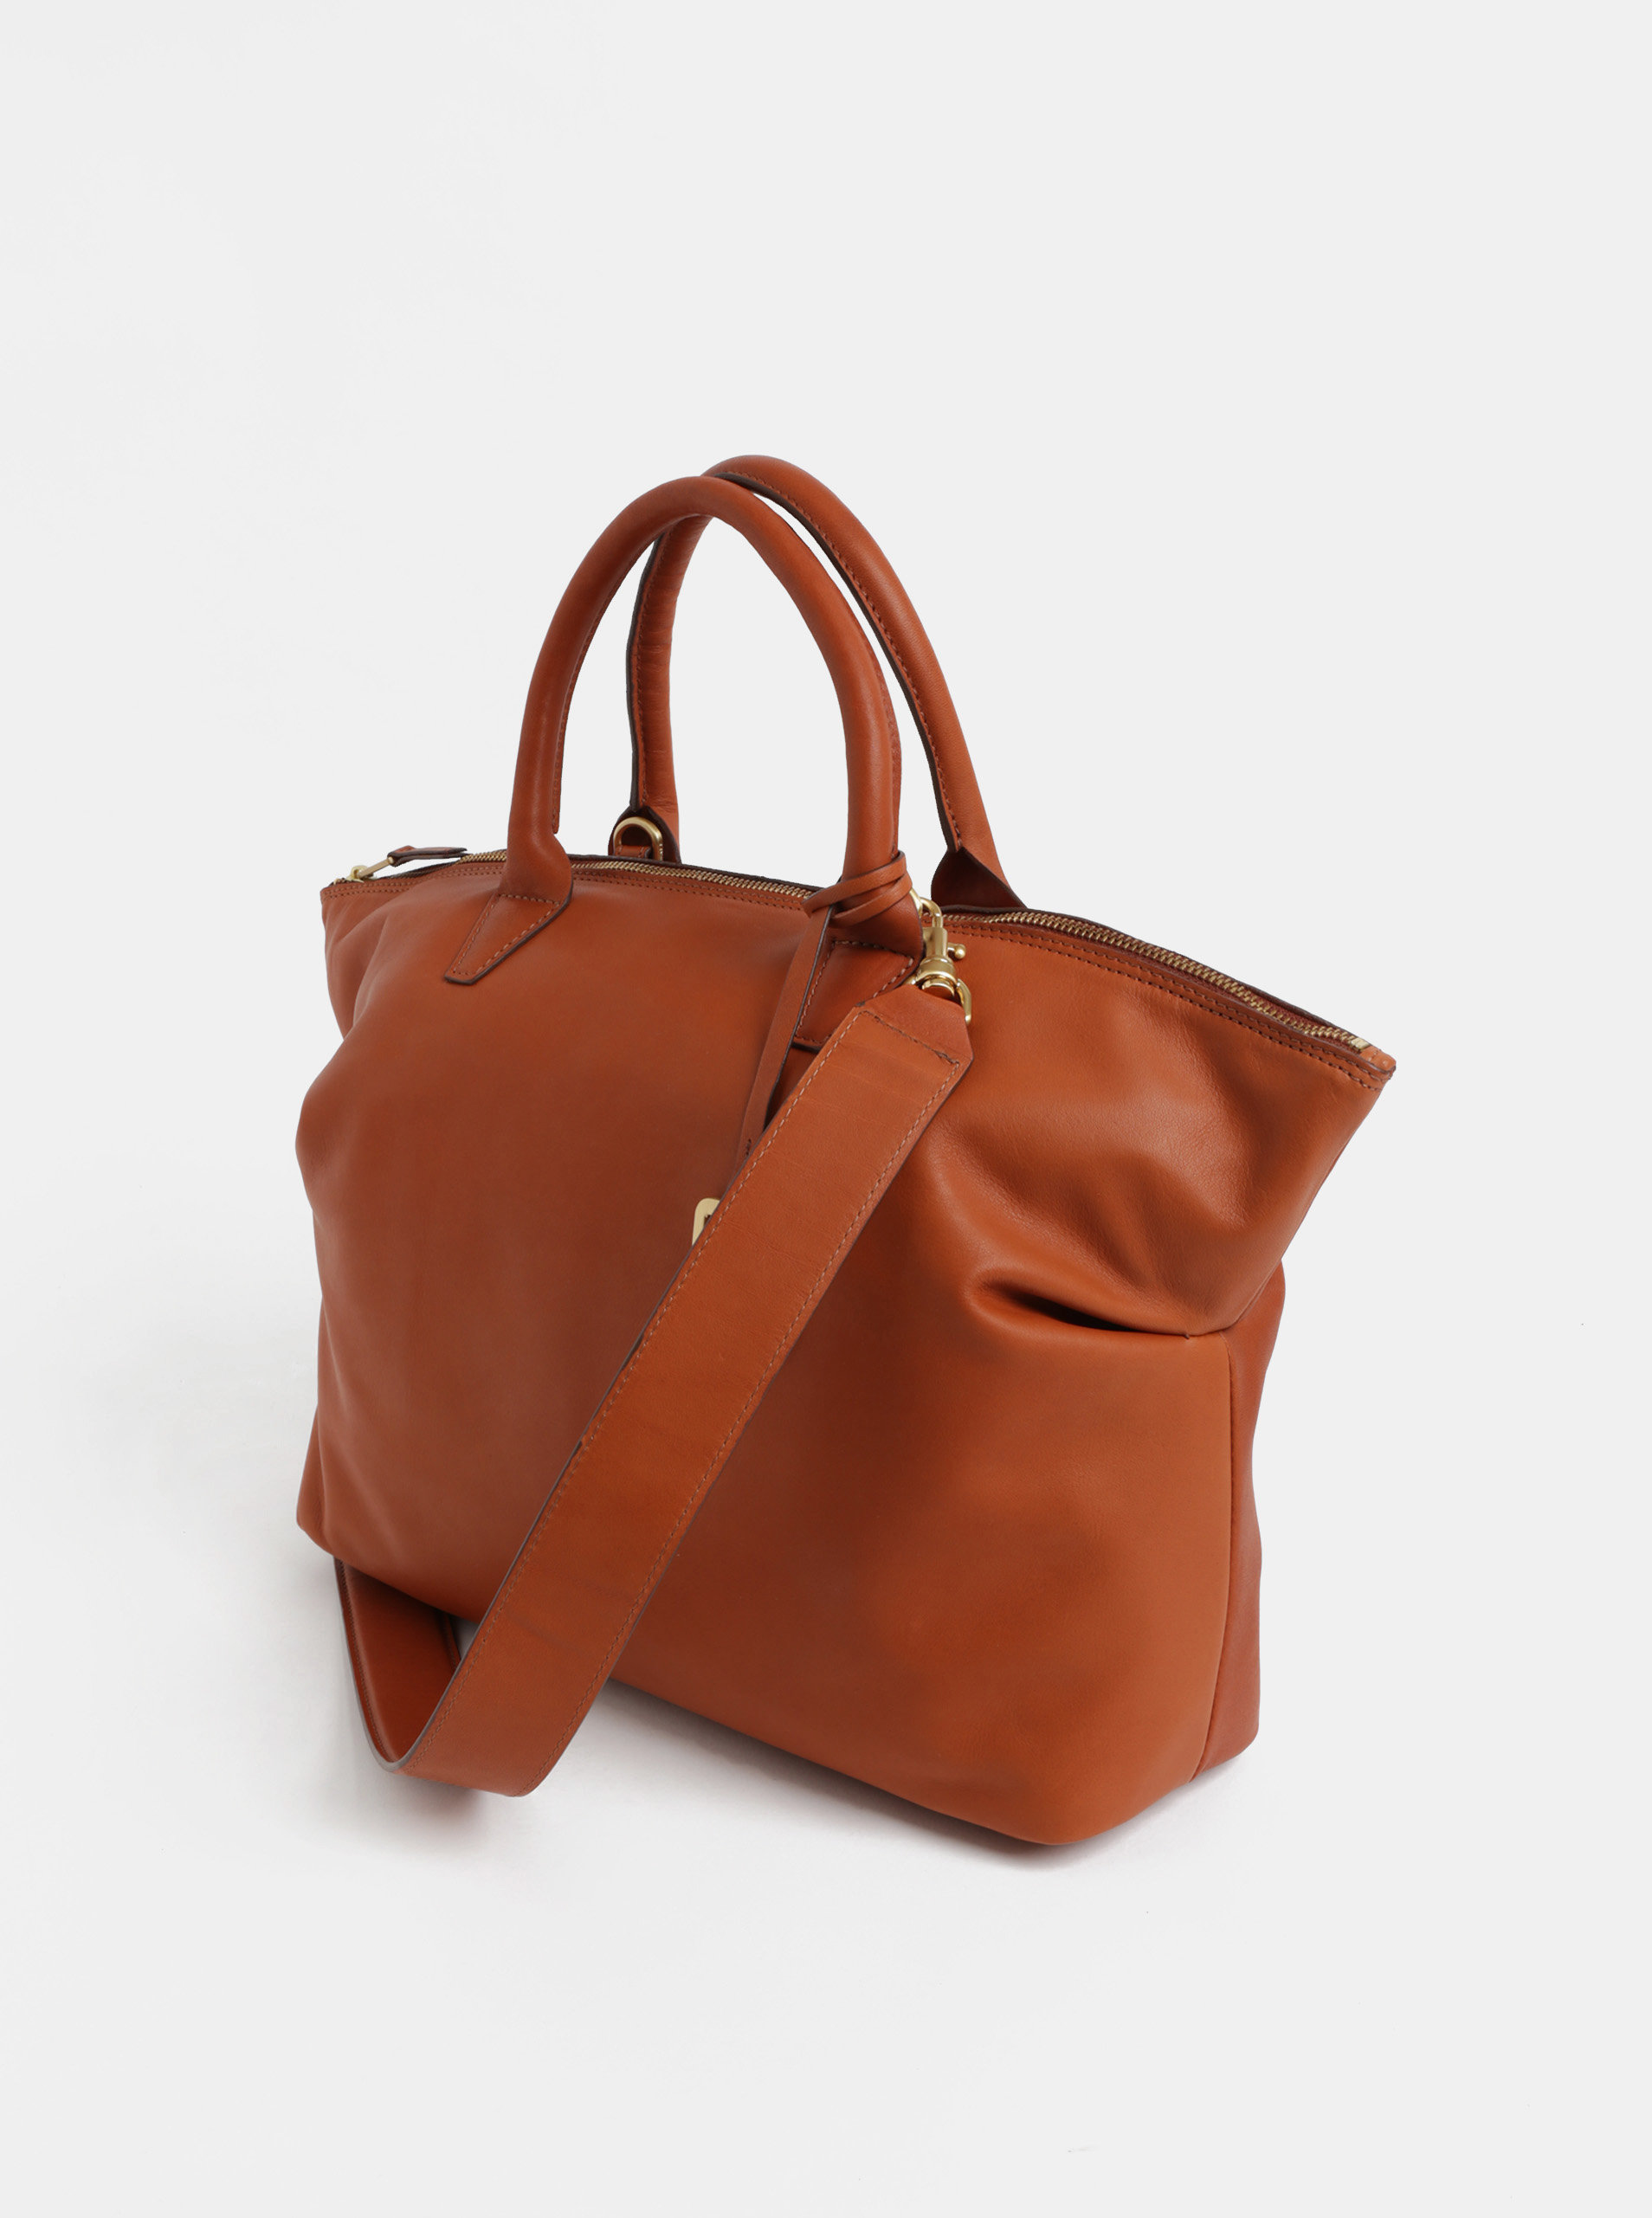 8255cbfae5 Hnědá velká kožená kabelka do ruky BREE Stockholm 37 ...